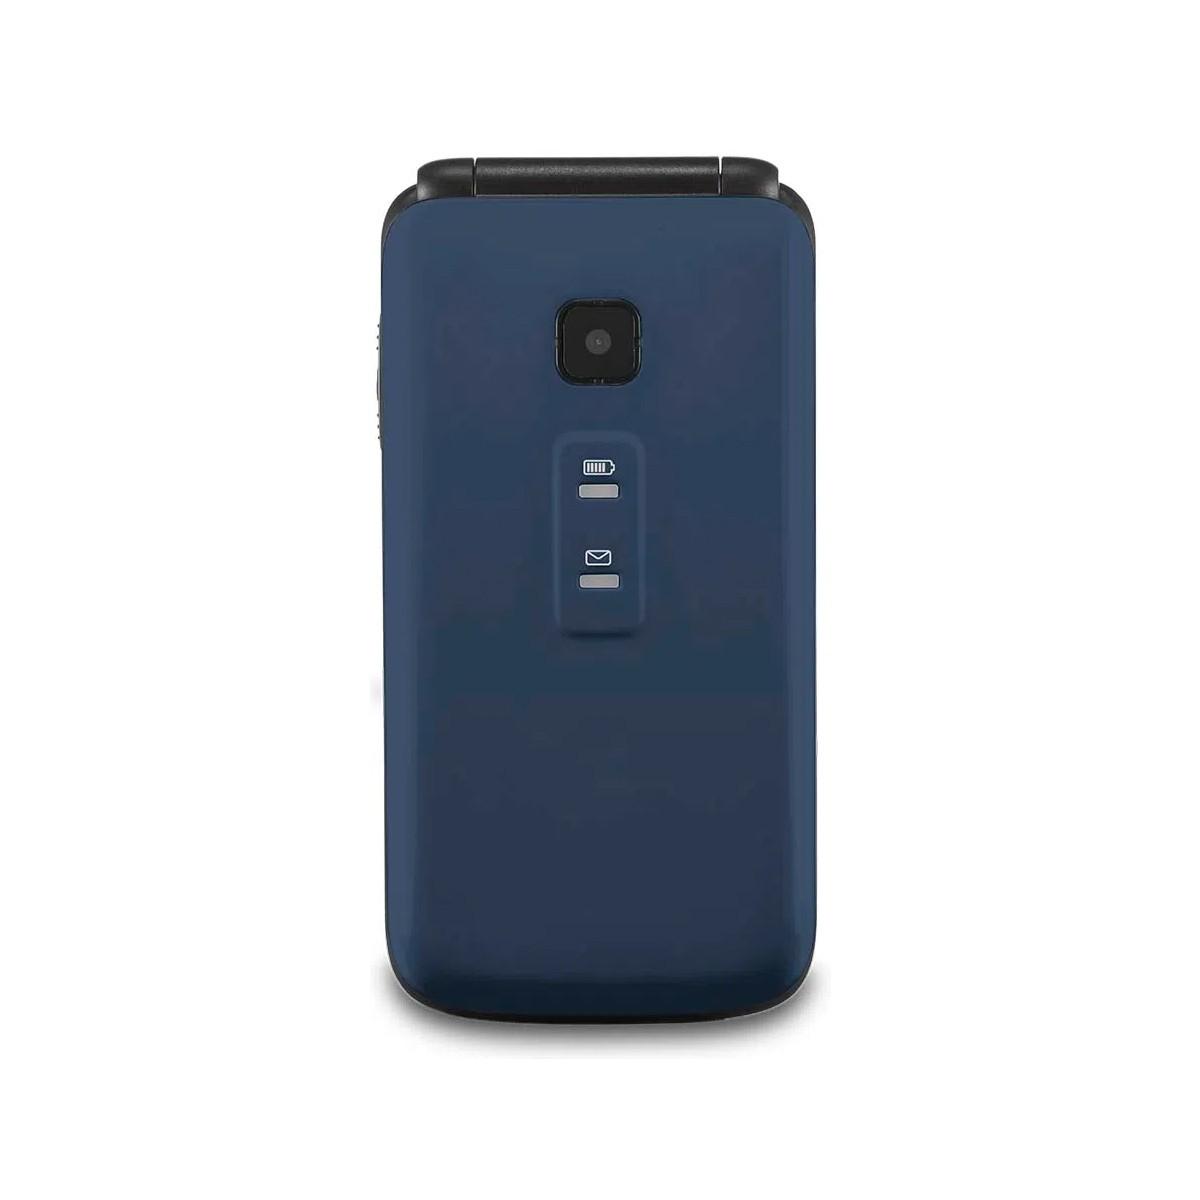 Celular Para Idoso Vita Flip Dual Chip Mp3 Multilaser P9020